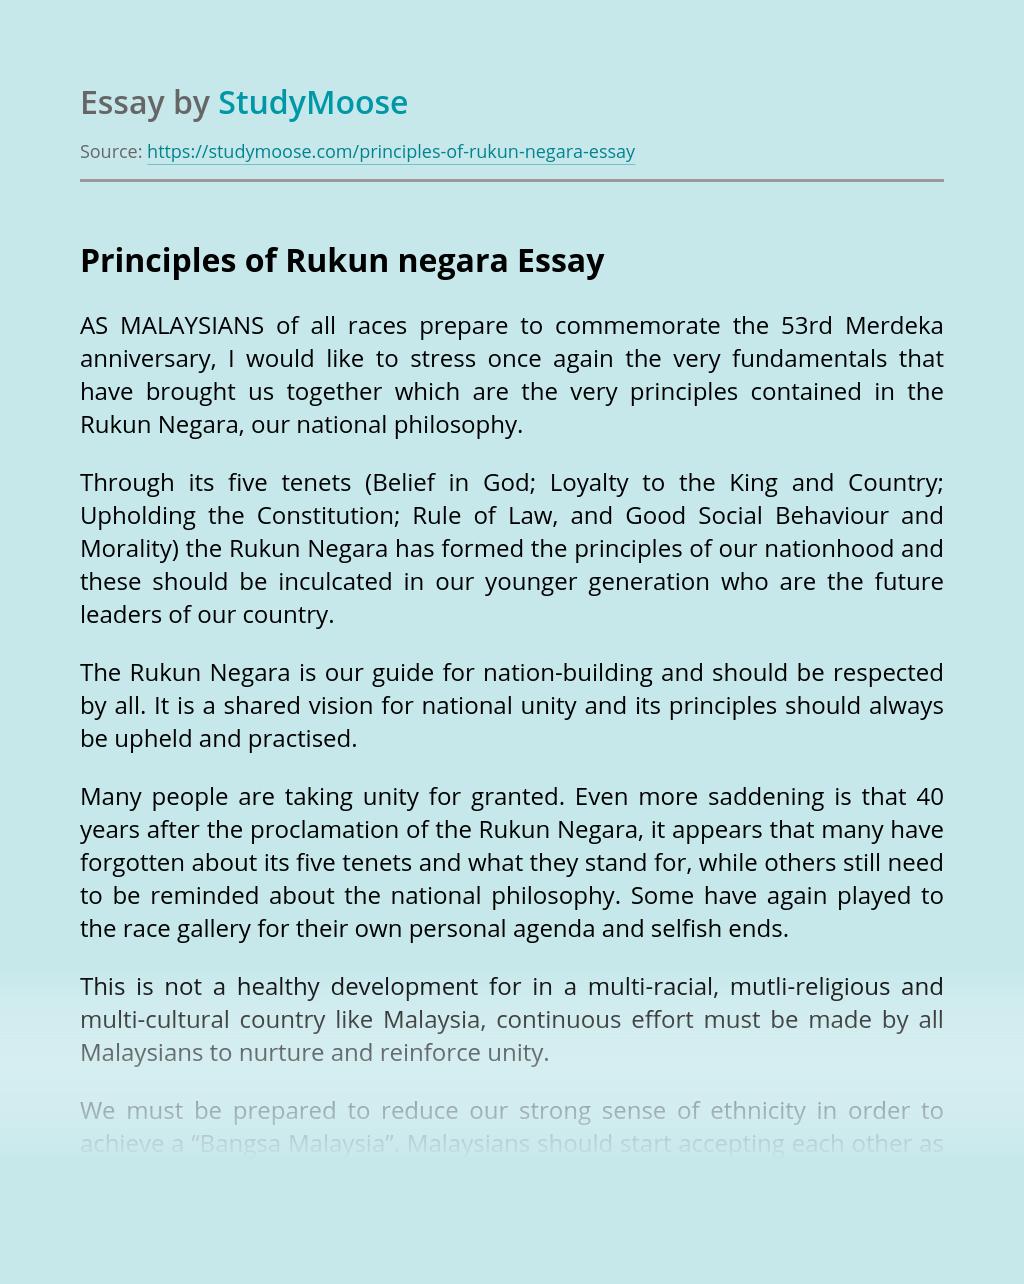 Principles of Rukun negara